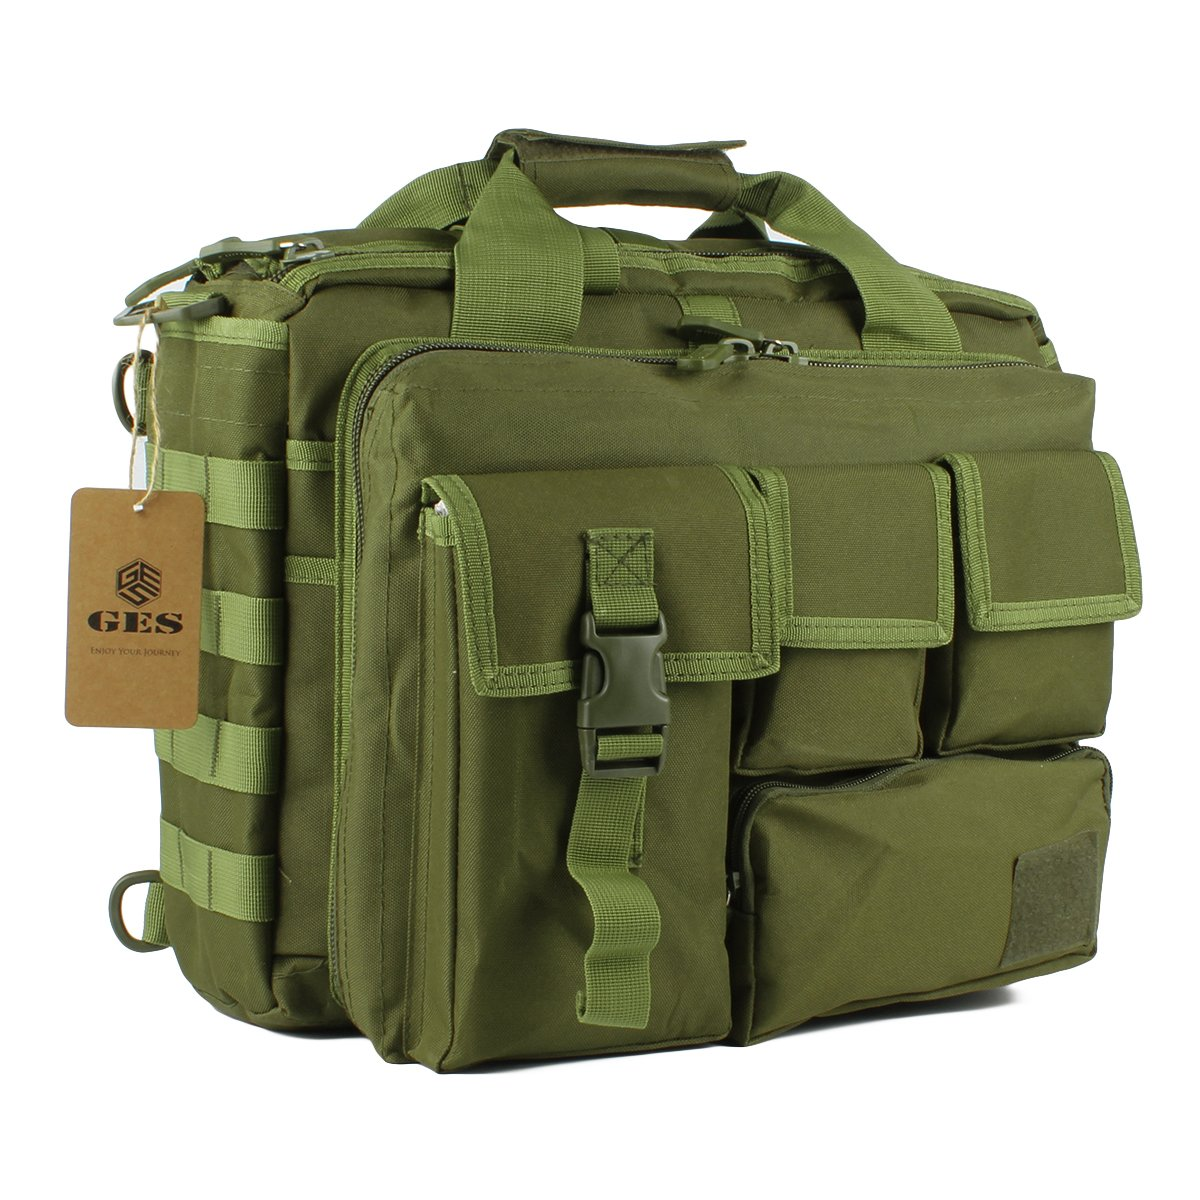 GES Multifunction Mens Outdoor Tactical Nylon Shoulder Laptop Messenger Bag Briefcase Handbags Large Enough for 15.6 Laptop/Camera (Black) GES CO. LTD 4328535660